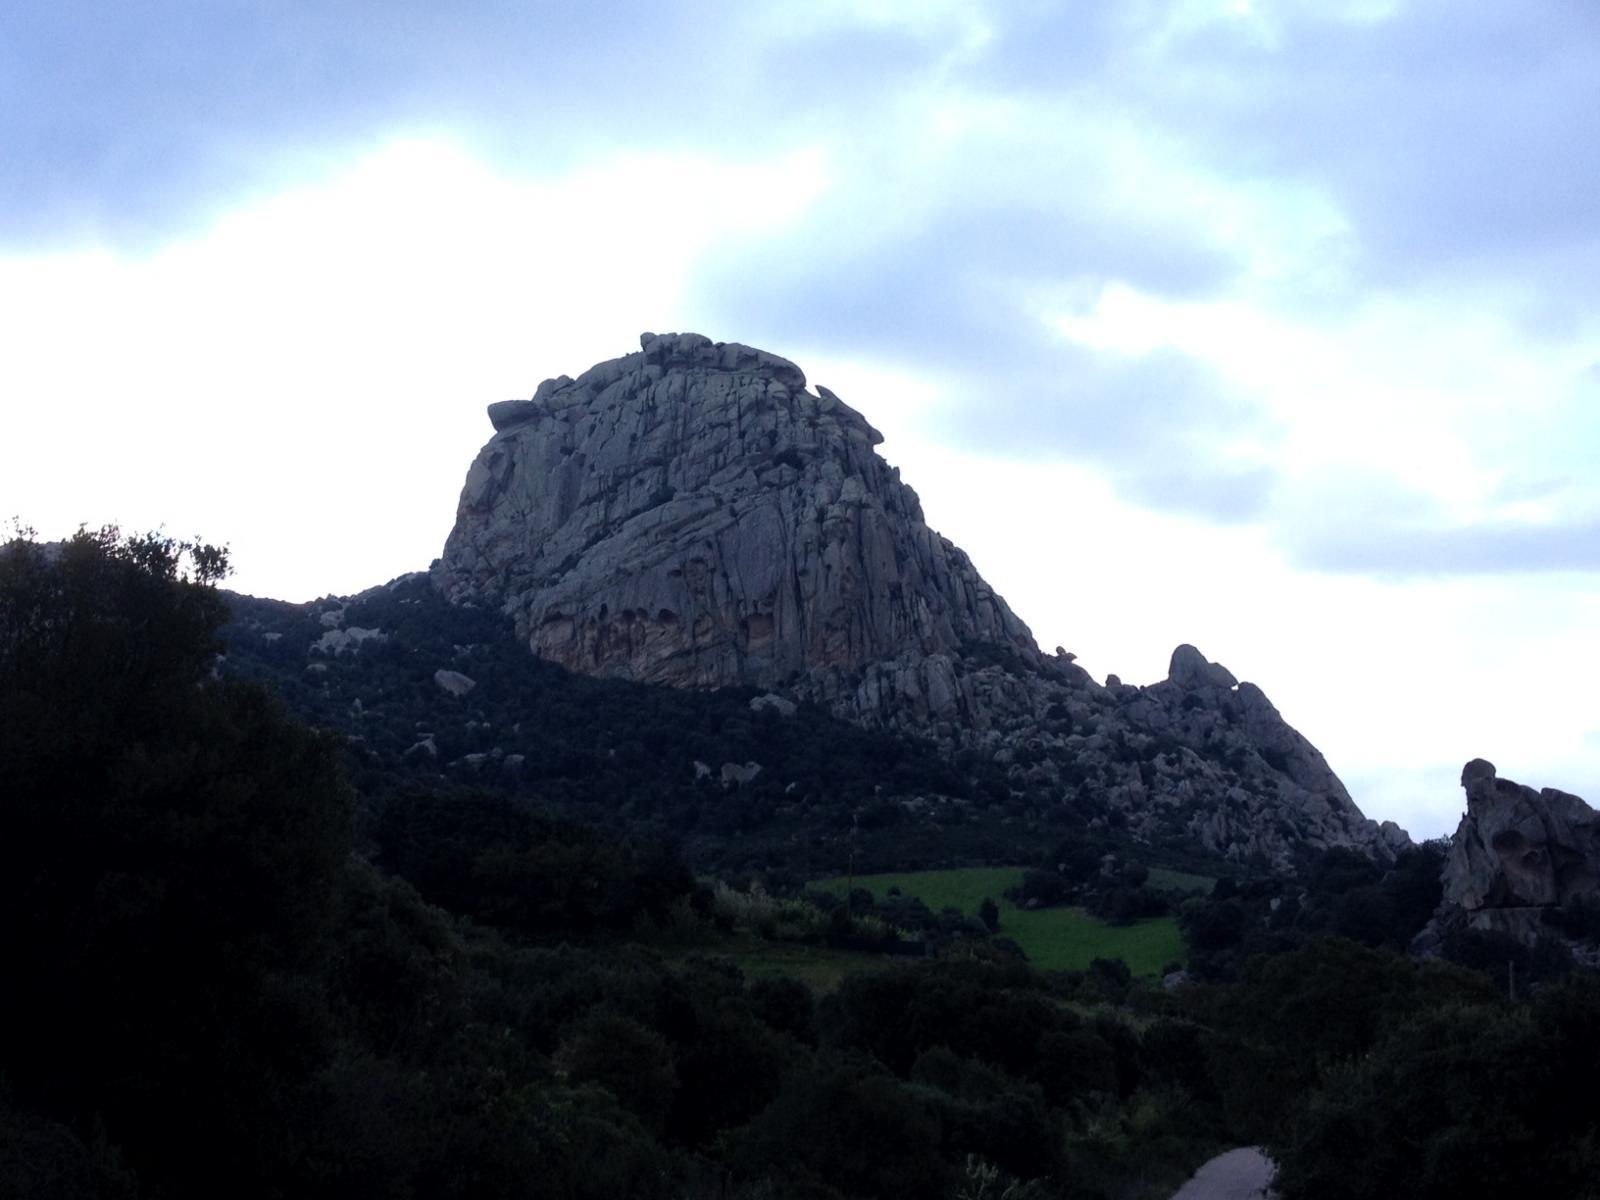 Il versante Ovest del monte Pulchiana ospita numerose vie classiche